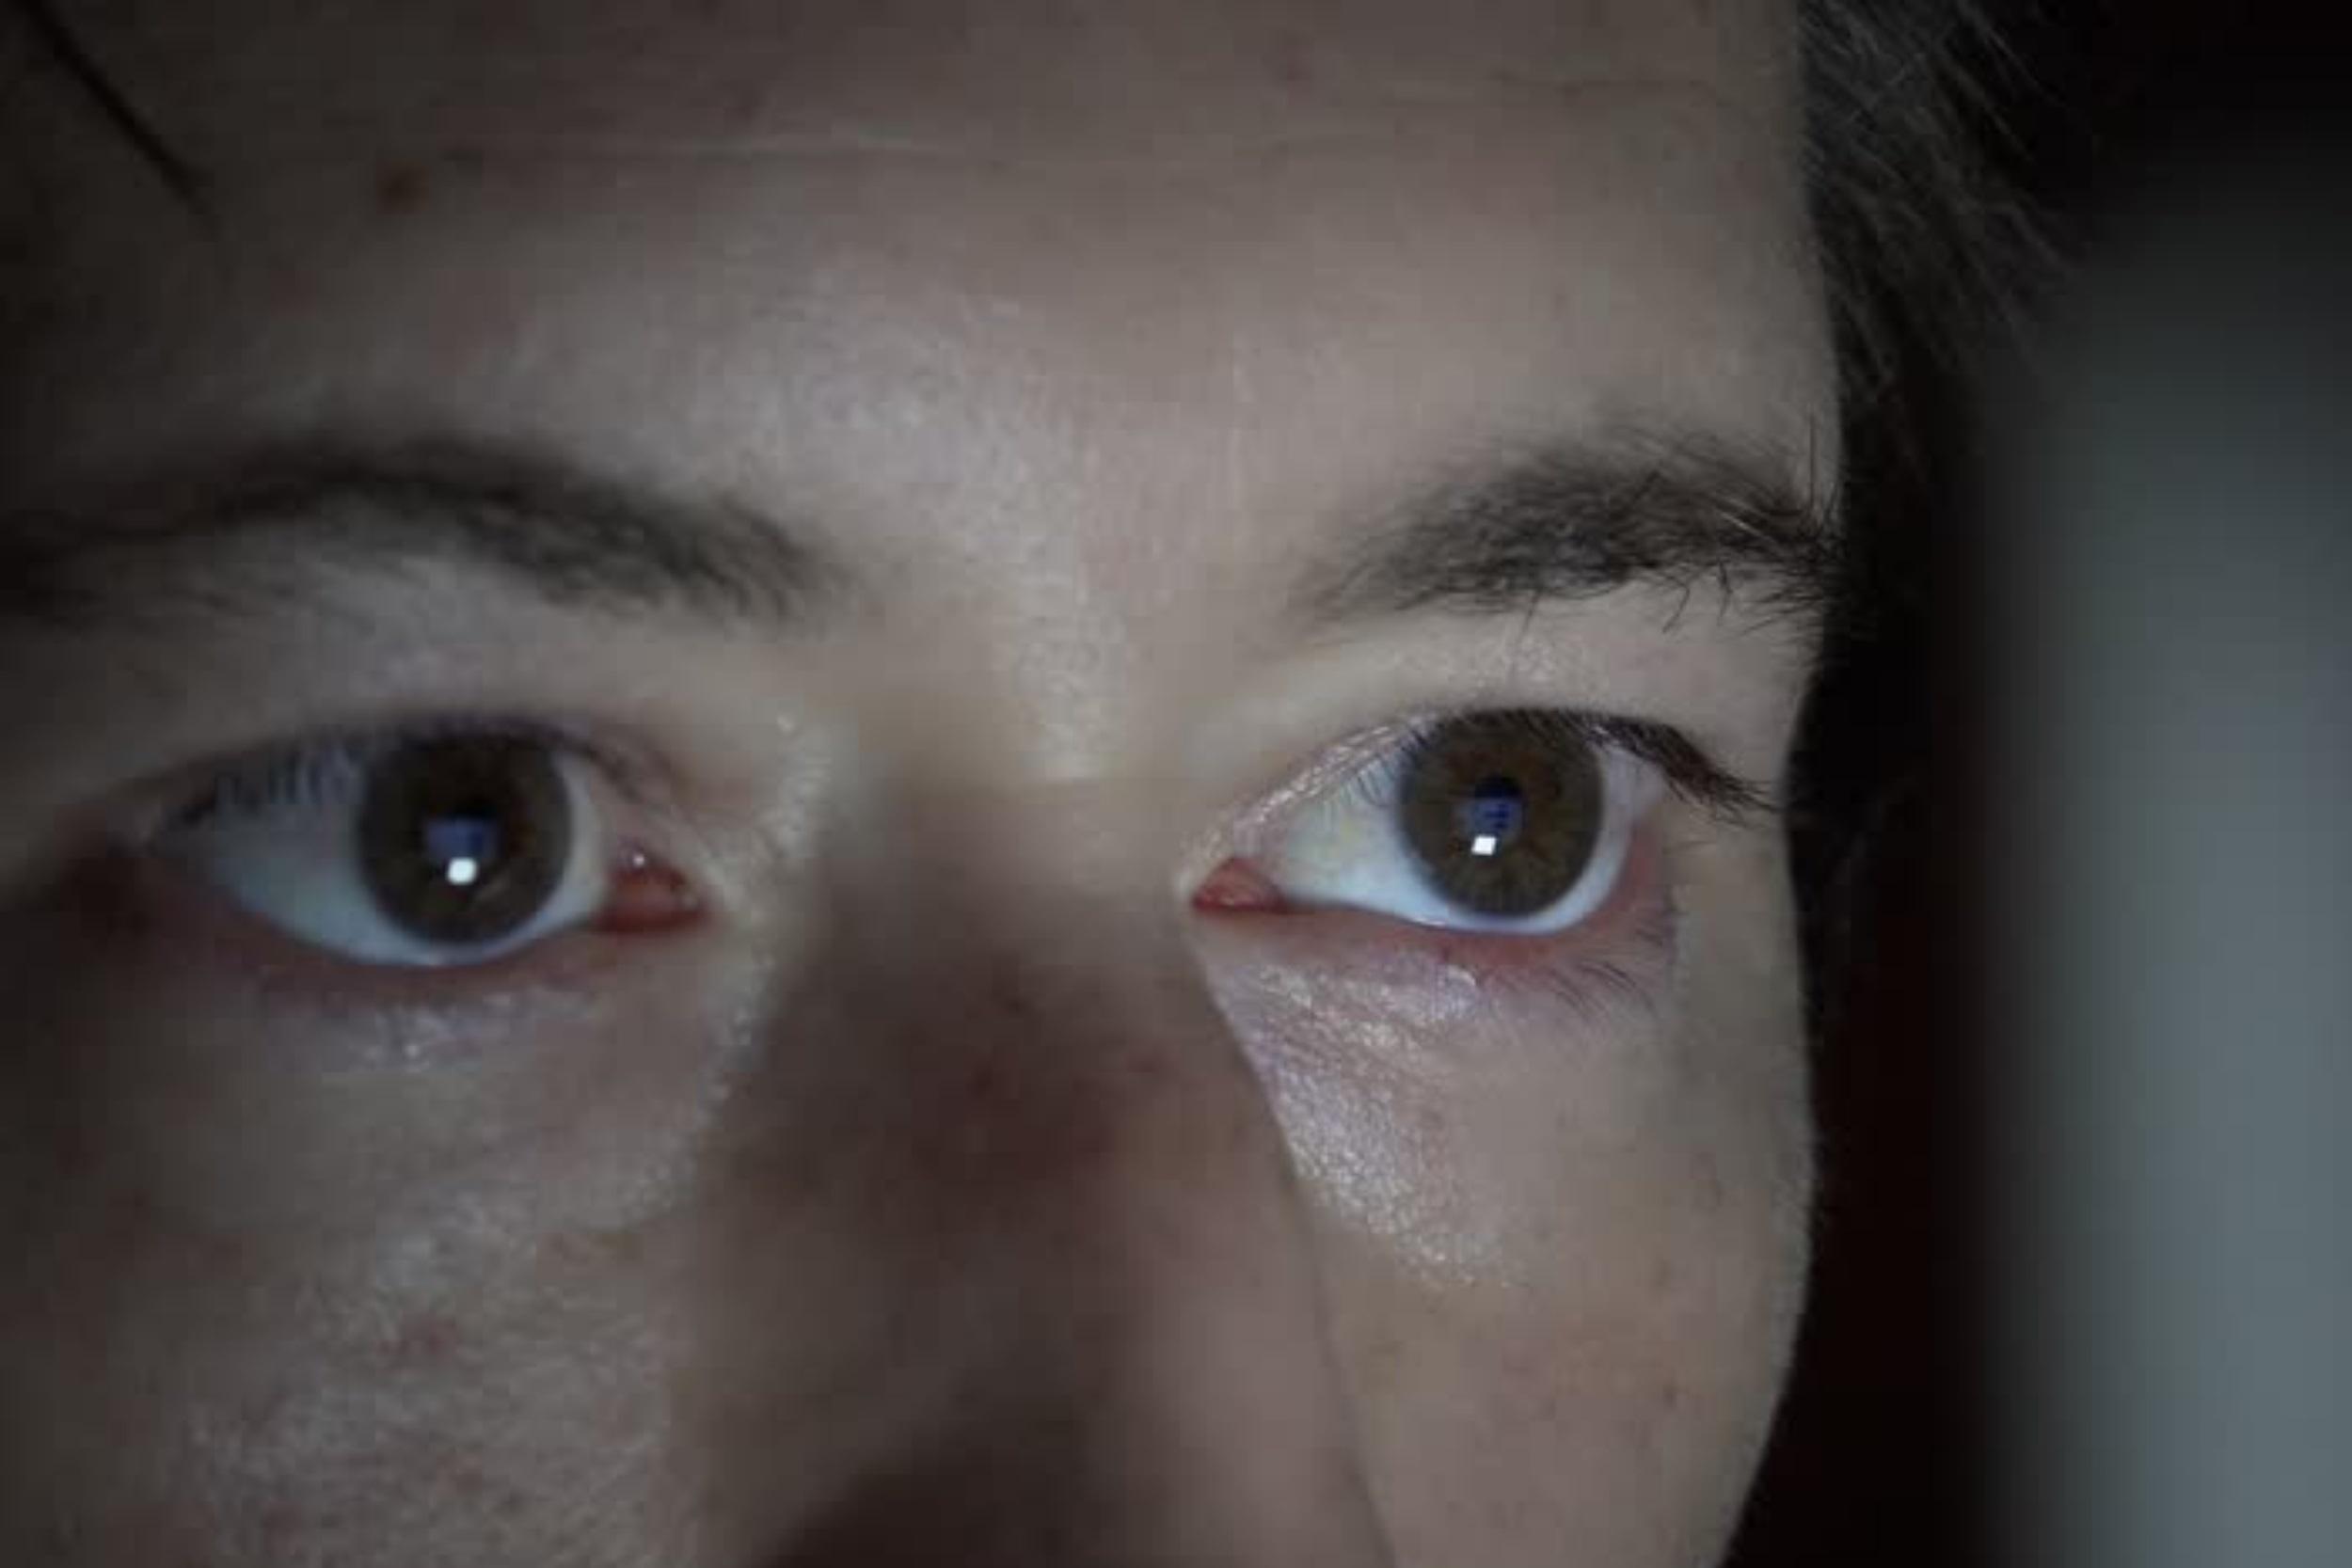 5d1cef62f Os olhos humanos estão mudando e a culpa pode ser dos smartphones - TecMundo